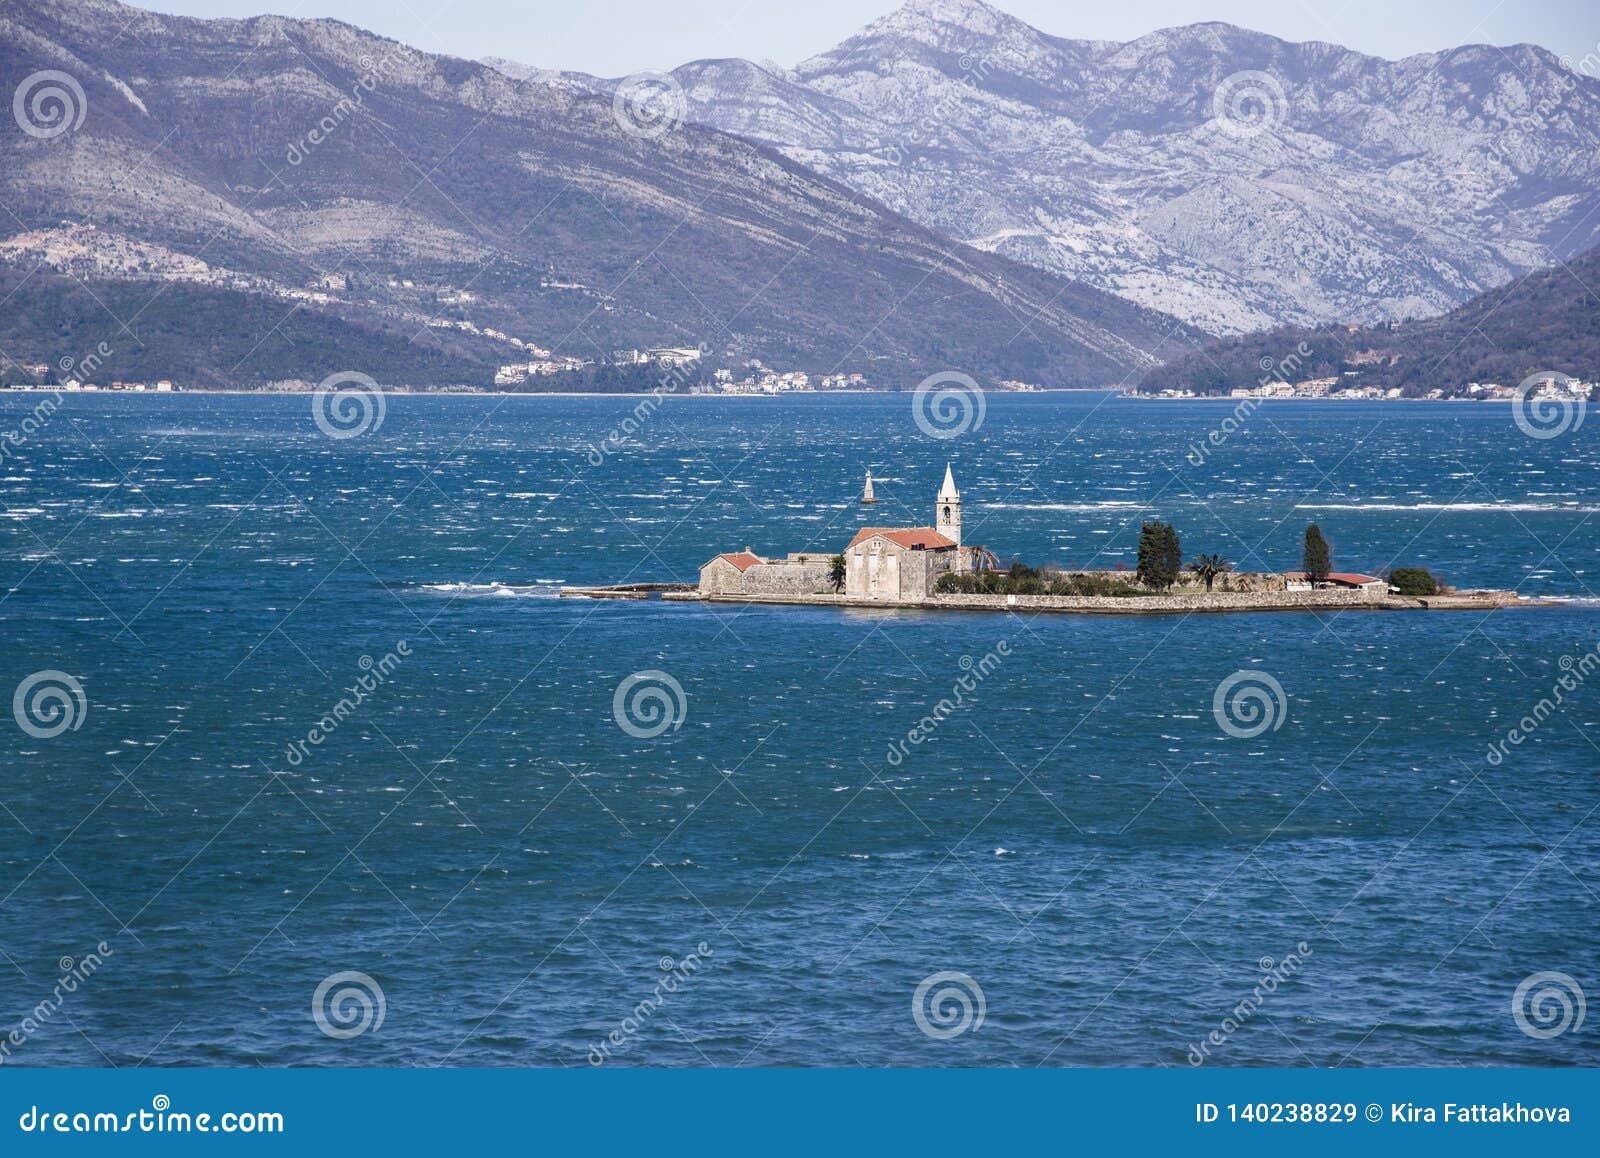 Vista da ilha Gospa od Milo Bay de Otok de Tivat, Montenegro, em um dia de inverno ventoso 2019-02-23 11:49